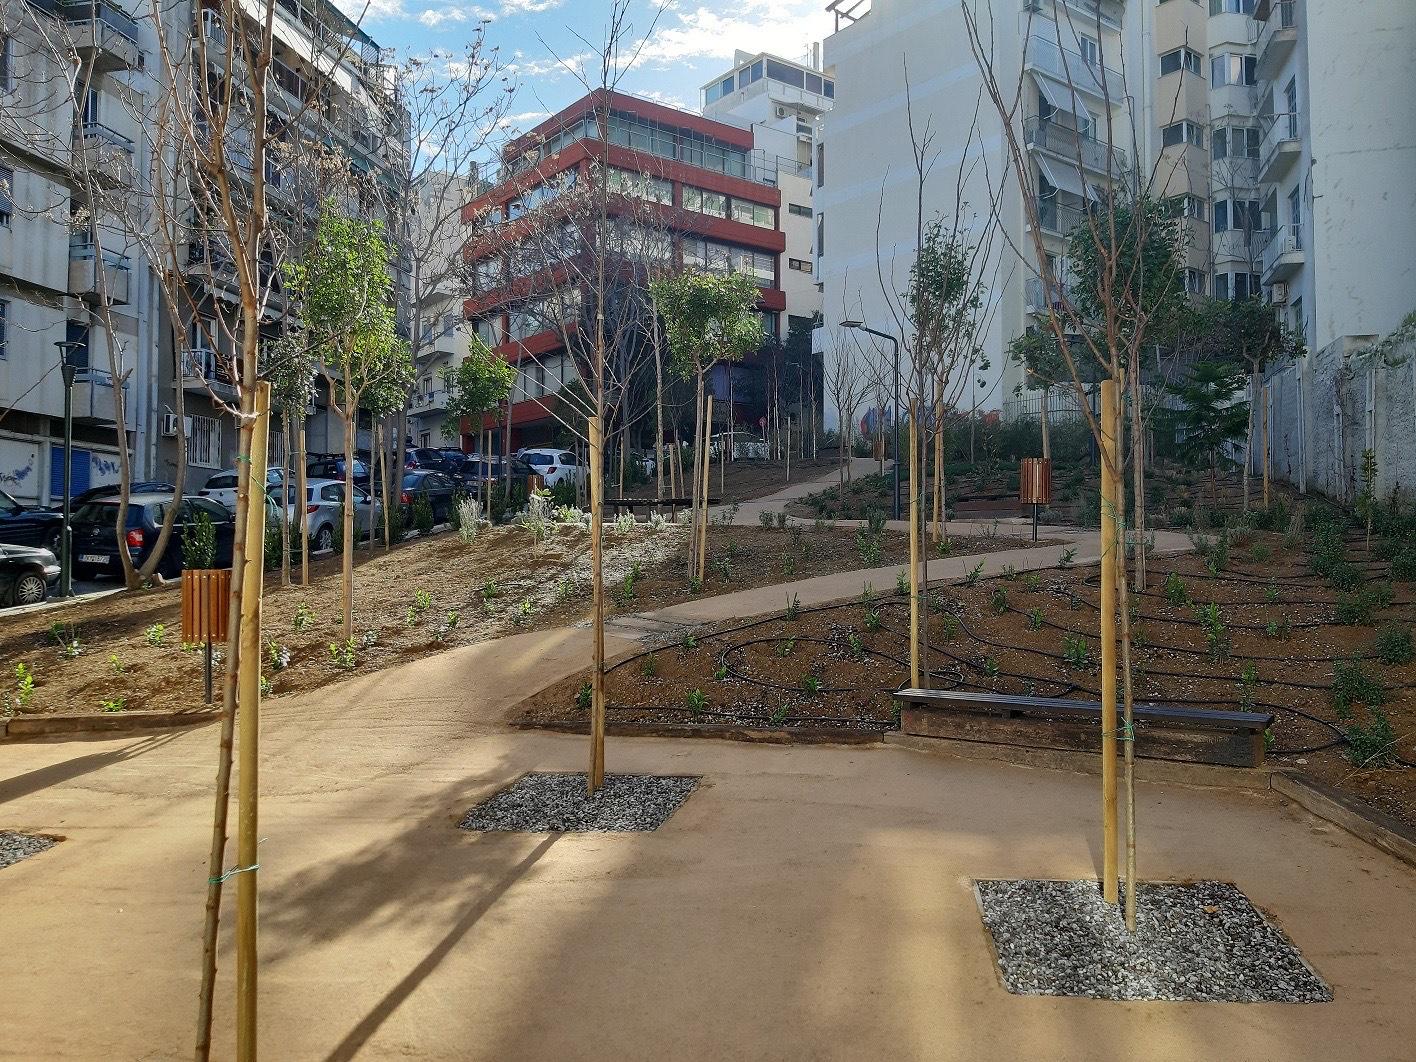 Πάρκο τσέπης Παγκράτι